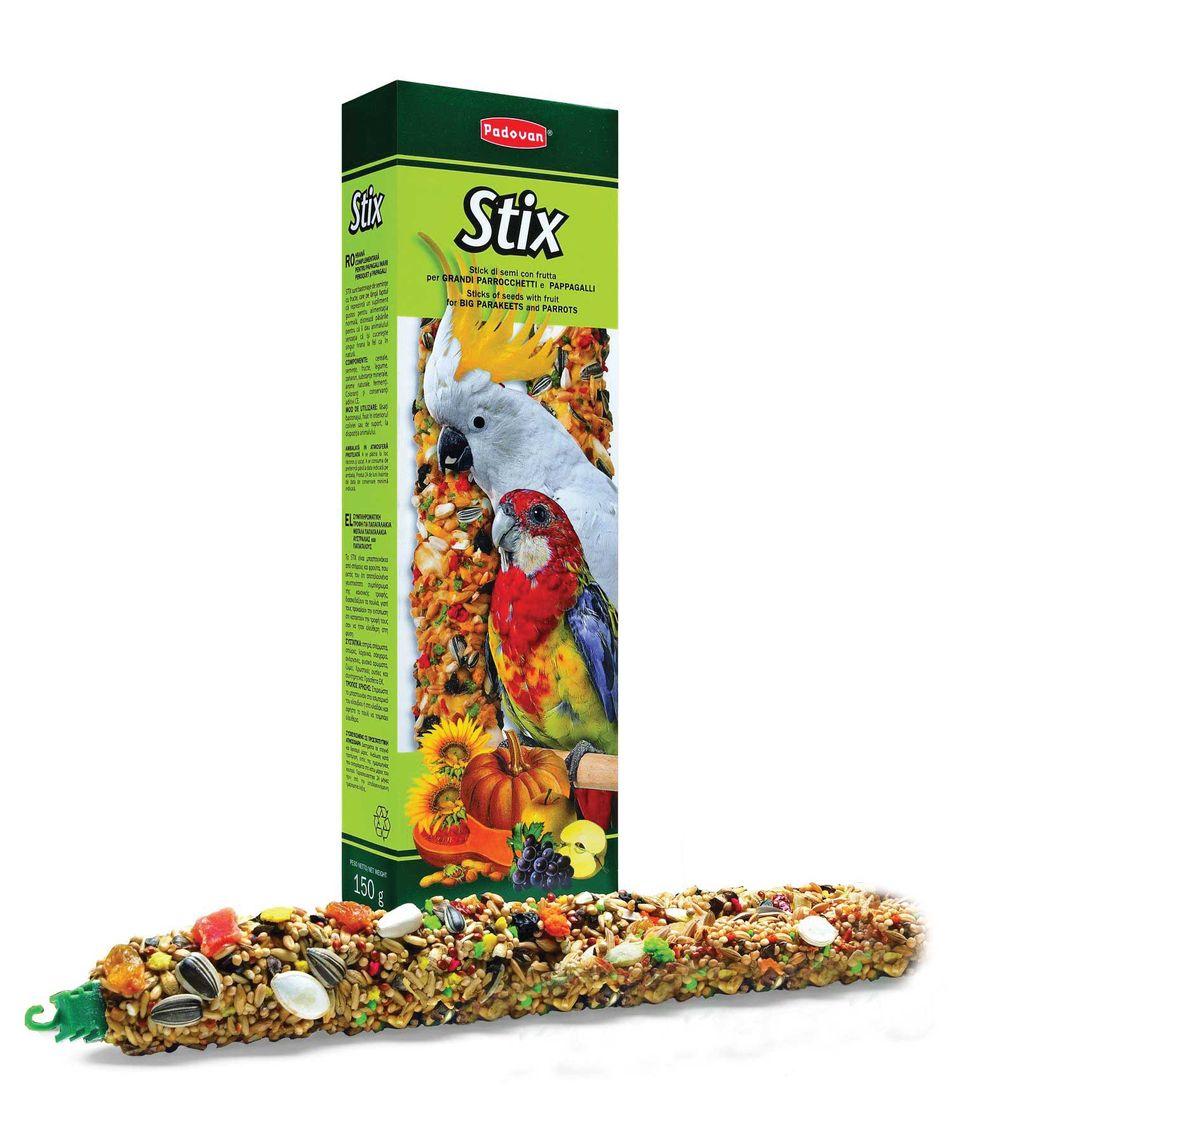 Палочки Padovan Фруктовые для крупных и средних попугаев, 2 х 150 г0120710Лакомство - две аппетитные палочки, спрессованные из тщательно подобранной смеси разнообразных семян и полезных пищевых добавок.Предназначено для крупных попугаев. Пригодно для питания и других птиц. Снабжены приспособлением для удобного крепления лакомства внутри клетки.Состав: подсолнечник, кукуруза, пшеница, канареечное семя, красный перец, печенье: пшеничная мука, дрожжи, пищевые красители, декстроза, минералы, консерванты, натуральные вкусовые добавки.